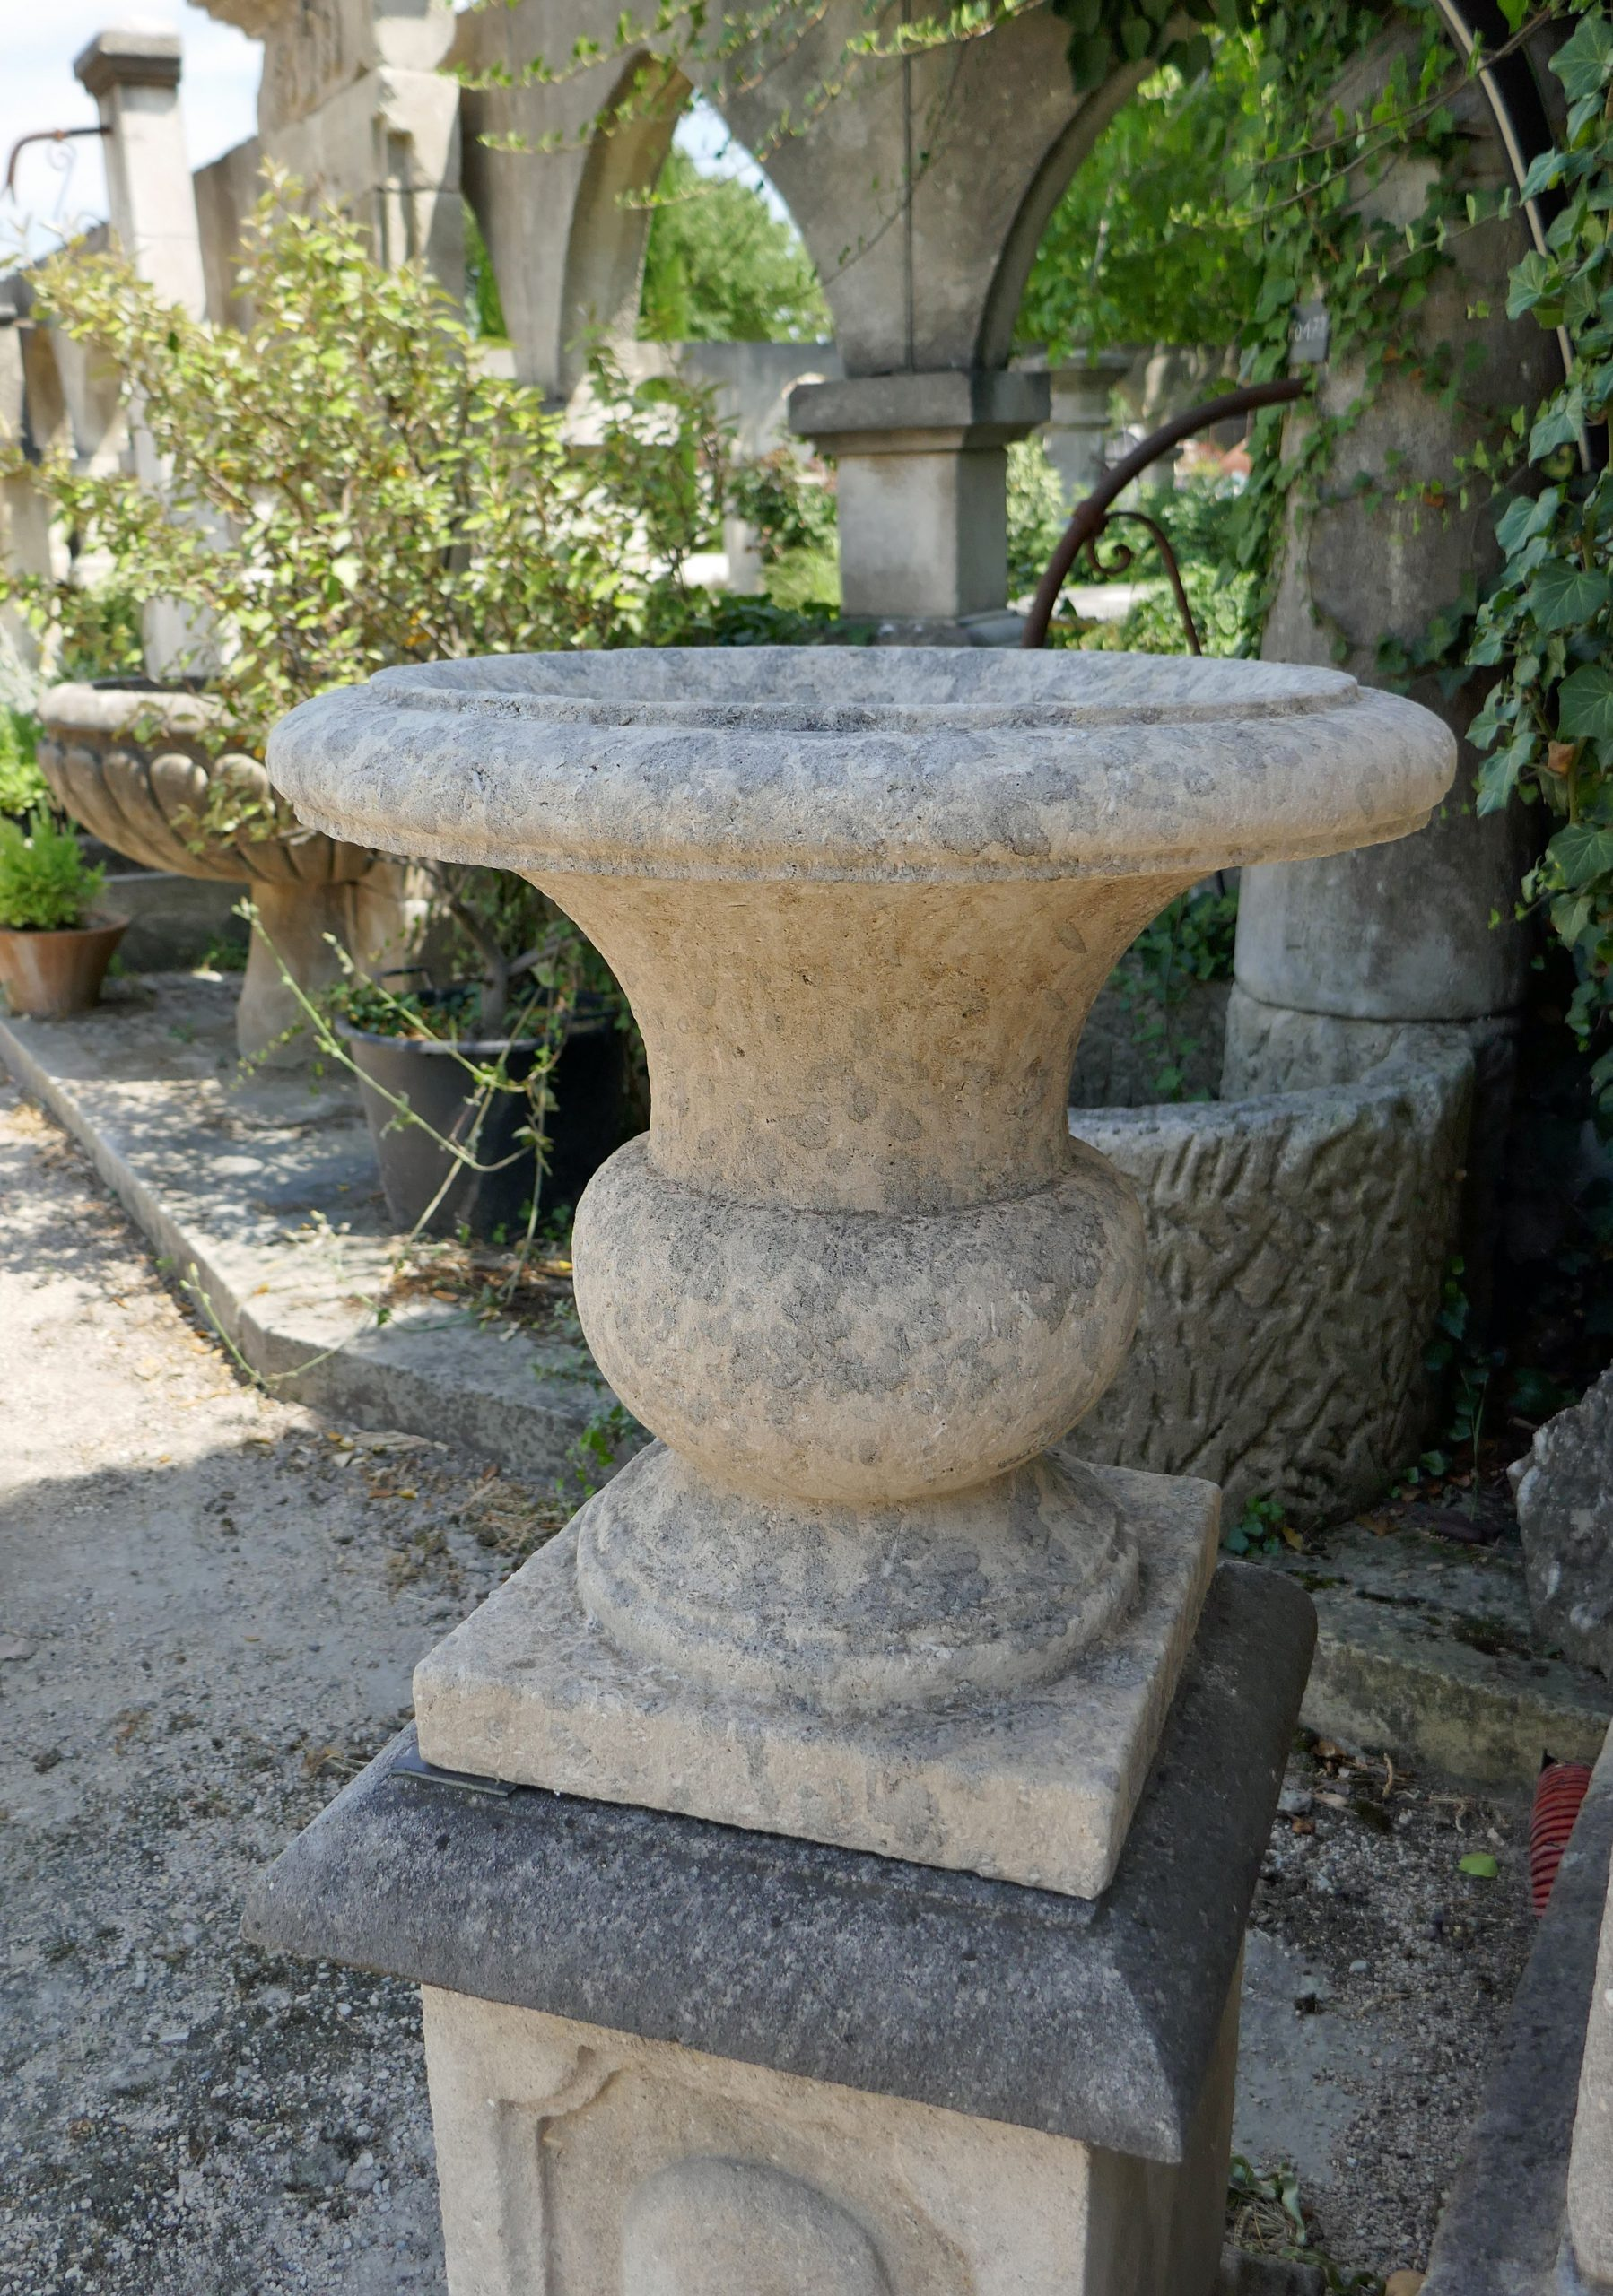 Ce Joli Vase En Pierre D'avy (Un Calcaire Ferme De Couleur ... encequiconcerne Vase En Pierre Jardin